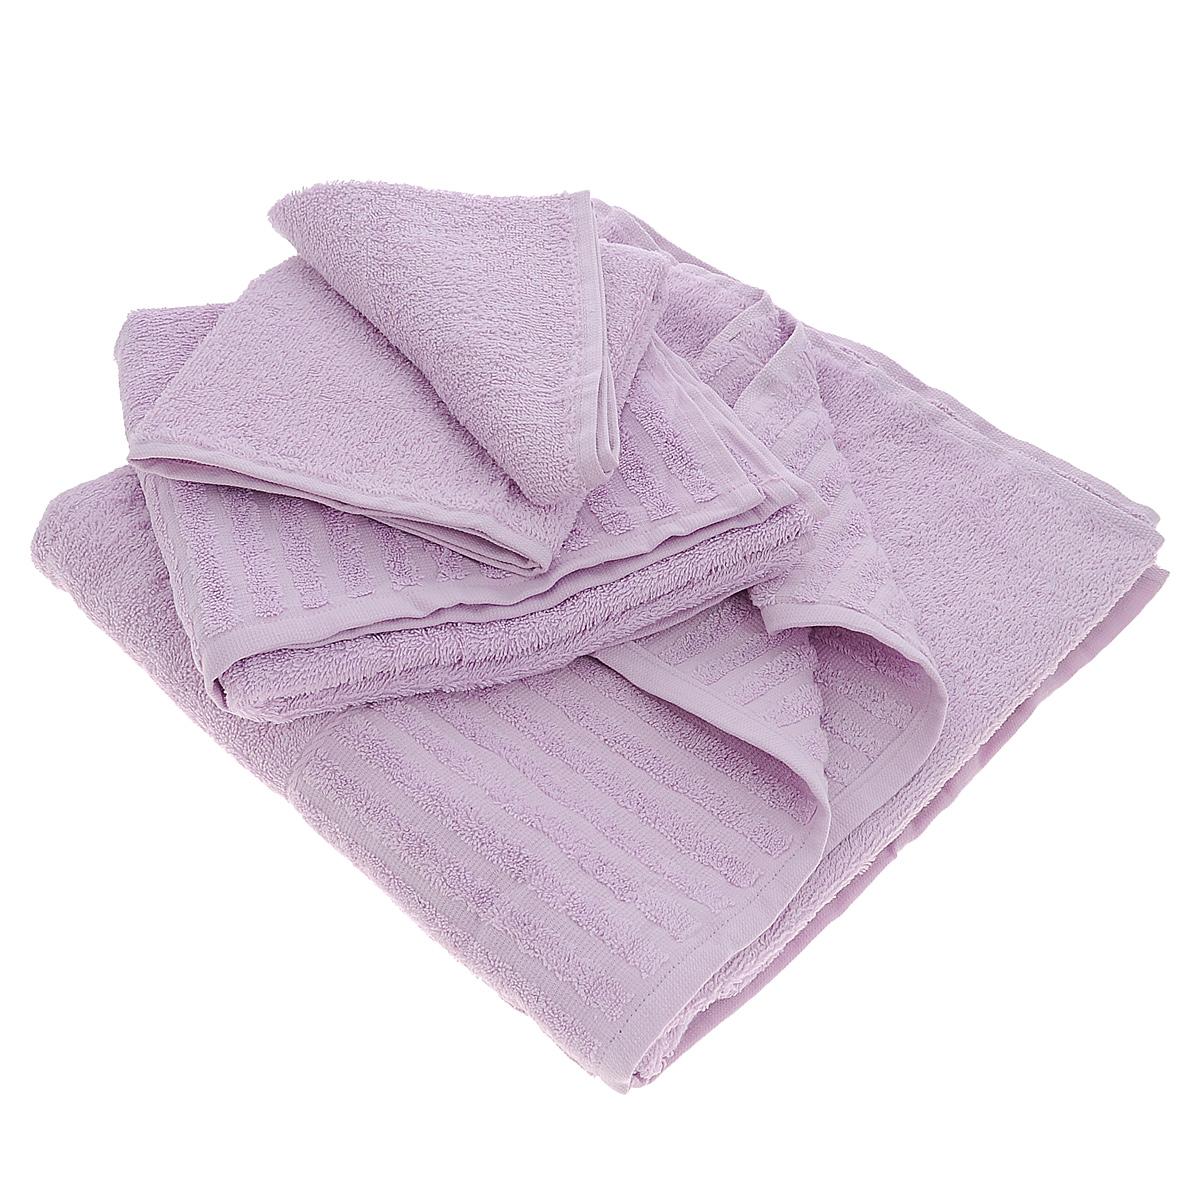 Набор махровых полотенец Bonita, цвет: сиреневый, 3 шт01011116345Набор Bonita состоит из трех полотенец разного размера, выполненных из натурального хлопка. Такие полотенца отлично впитывают влагу, быстро сохнут, сохраняют яркость цвета и не теряют формы даже после многократных стирок. Полотенца очень практичны и неприхотливы в уходе. Размер полотенец: 40 см х 70 см; 50 см х 90 см; 70 см х 140 см.